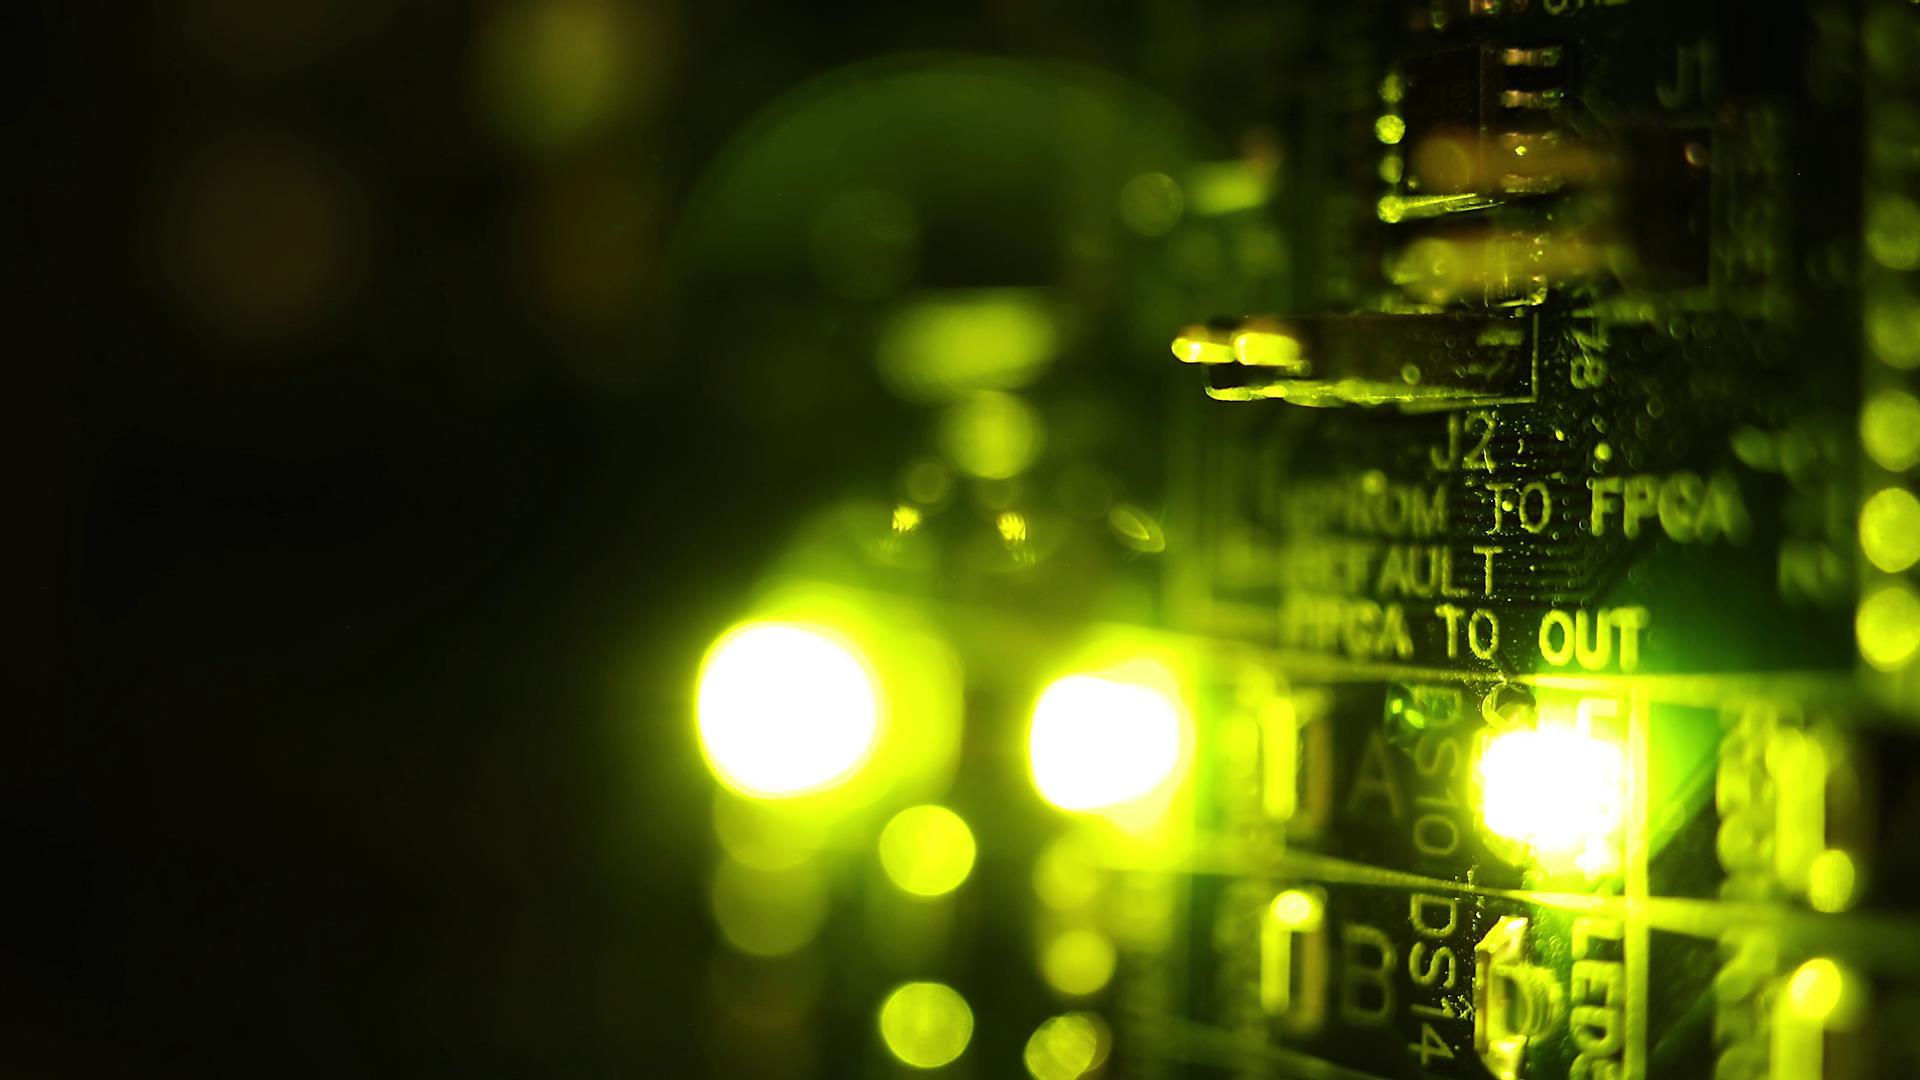 黄绿色霓虹灯电路板发光高清视频素材